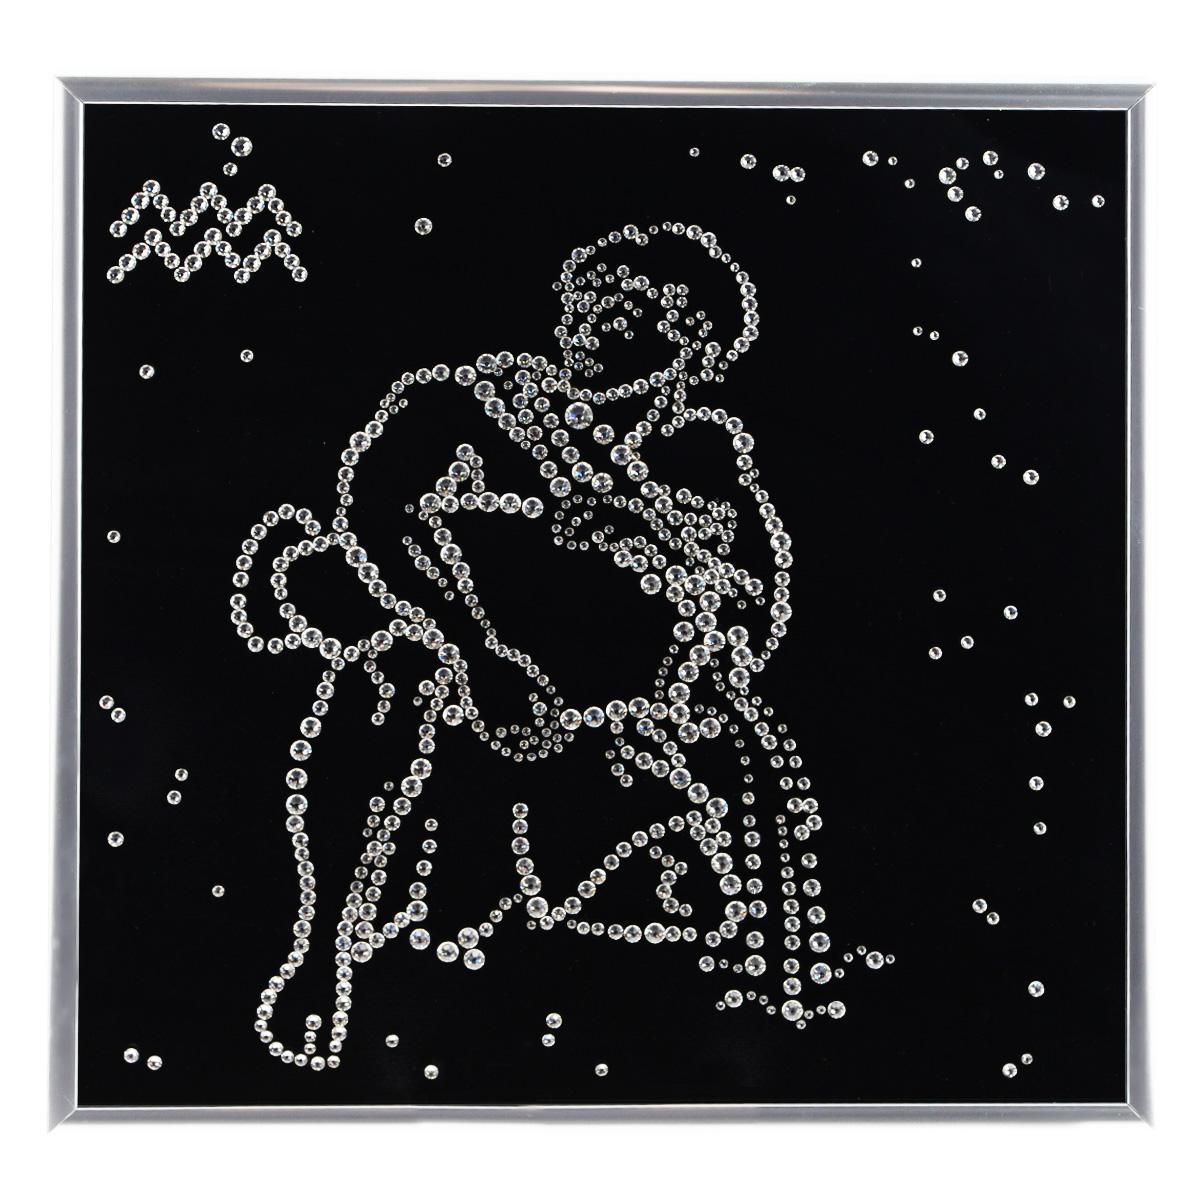 Картина с кристаллами Swarovski Знак зодиака. Водолей, 26 см х 26 см1317Изящная картина в металлической раме, инкрустирована кристаллами Swarovski в виде знака зодиака - водолей. Кристаллы Swarovski отличаются четкой и ровной огранкой, ярким блеском и чистотой цвета. Под стеклом картина оформлена бархатистой тканью, что прекрасно дополняет блеск кристаллов. С обратной стороны имеется металлическая петелька для размещения картины на стене. Картина с кристаллами Swarovski Знак зодиака. Водолей элегантно украсит интерьер дома или офиса, а также станет прекрасным подарком, который обязательно понравится получателю. Блеск кристаллов в интерьере, что может быть сказочнее и удивительнее. Картина упакована в подарочную картонную коробку синего цвета и комплектуется сертификатом соответствия Swarovski.